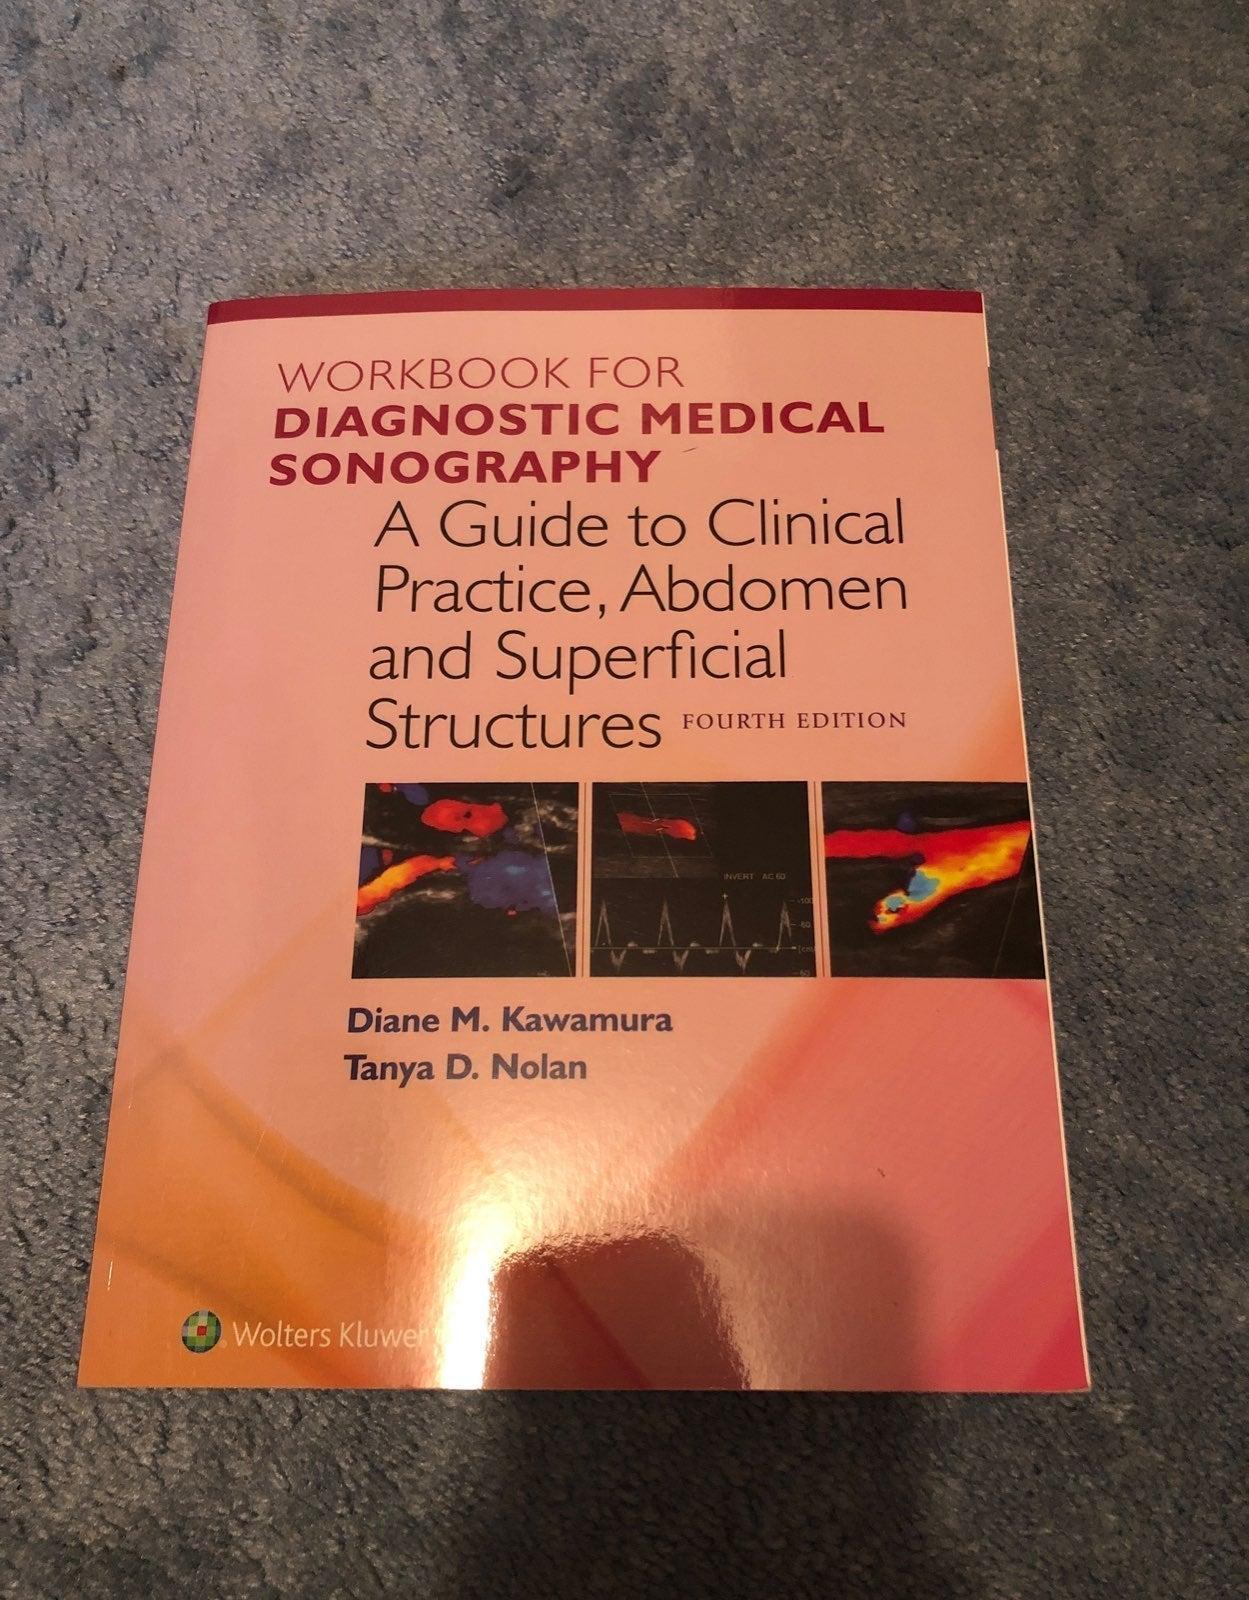 Workbook for DMS abdomen